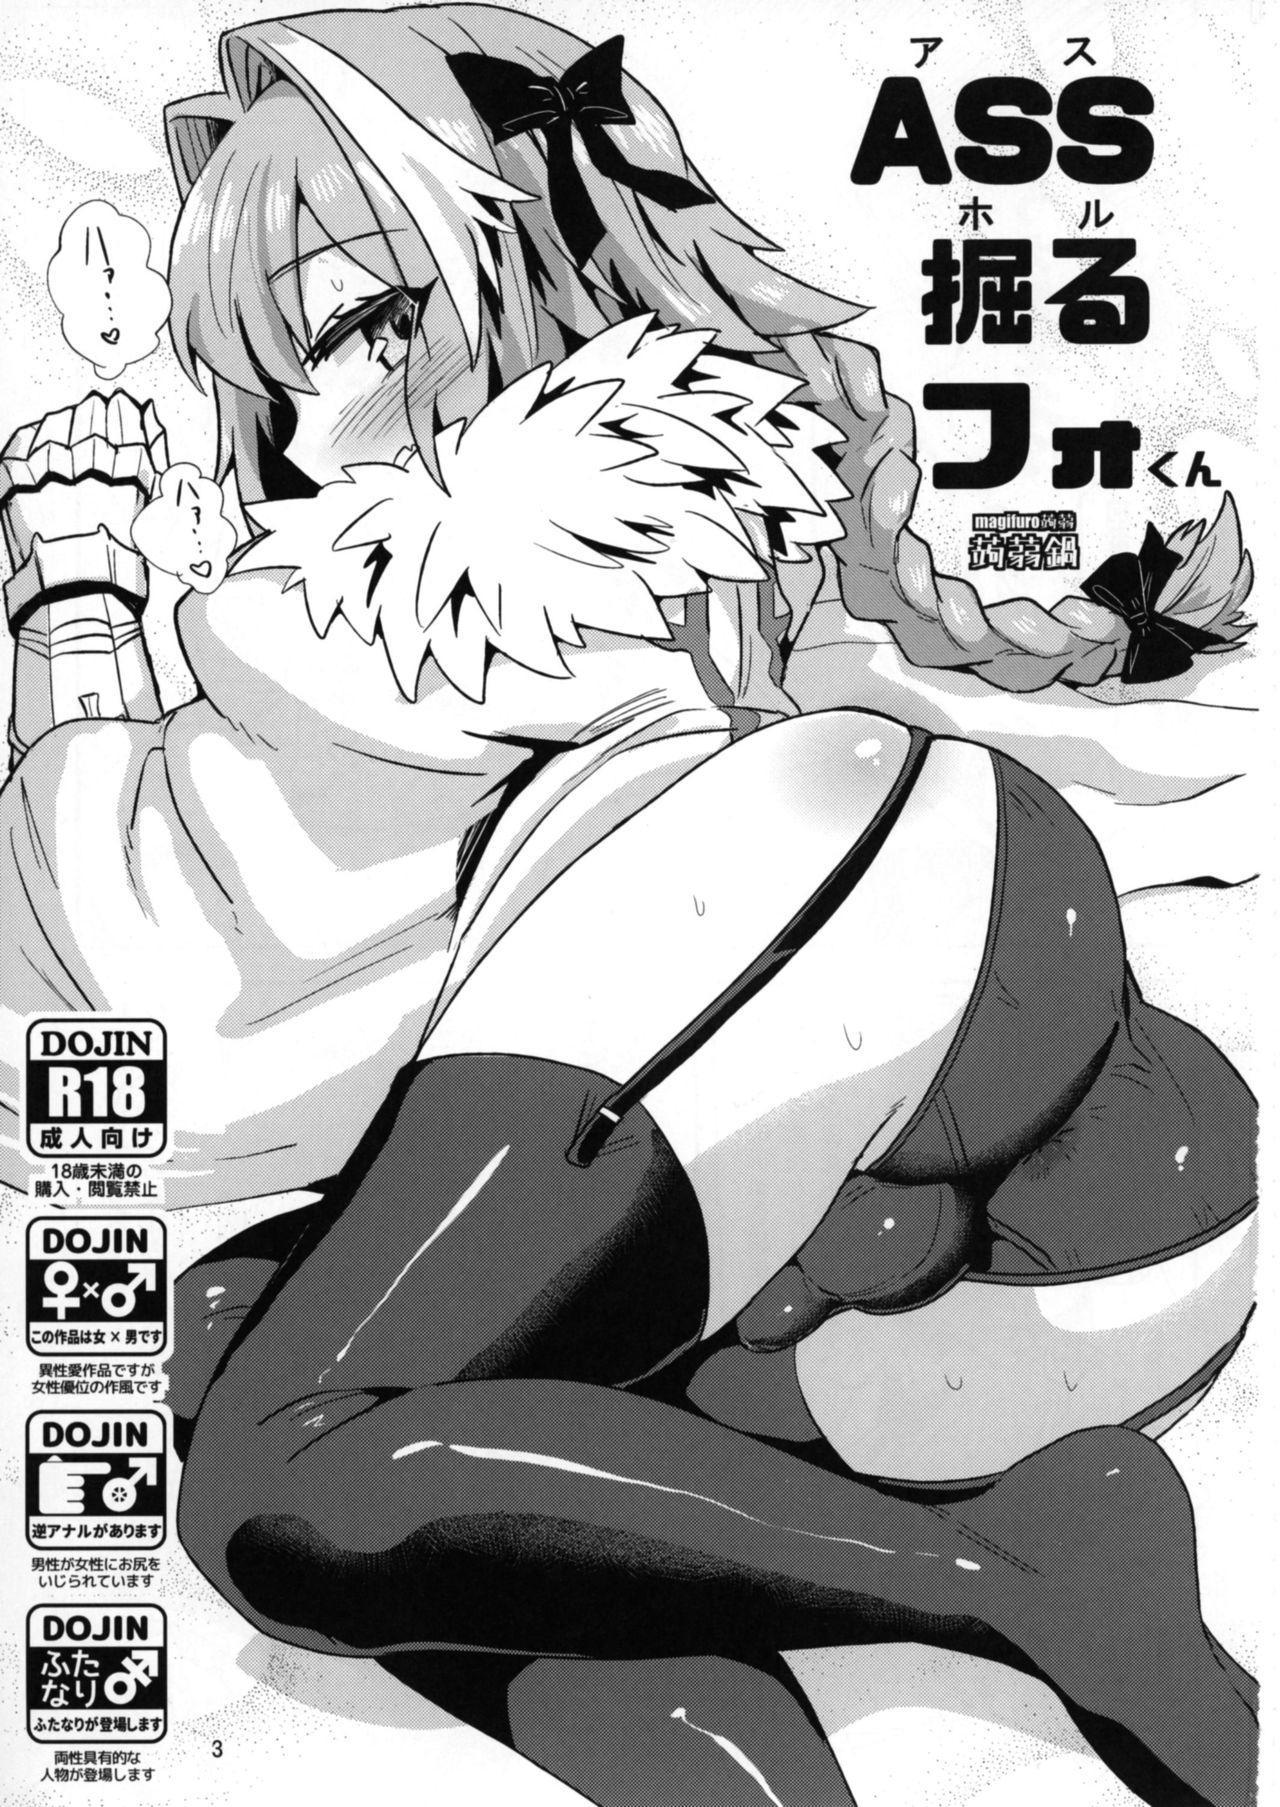 ASS Horufo-kun 2